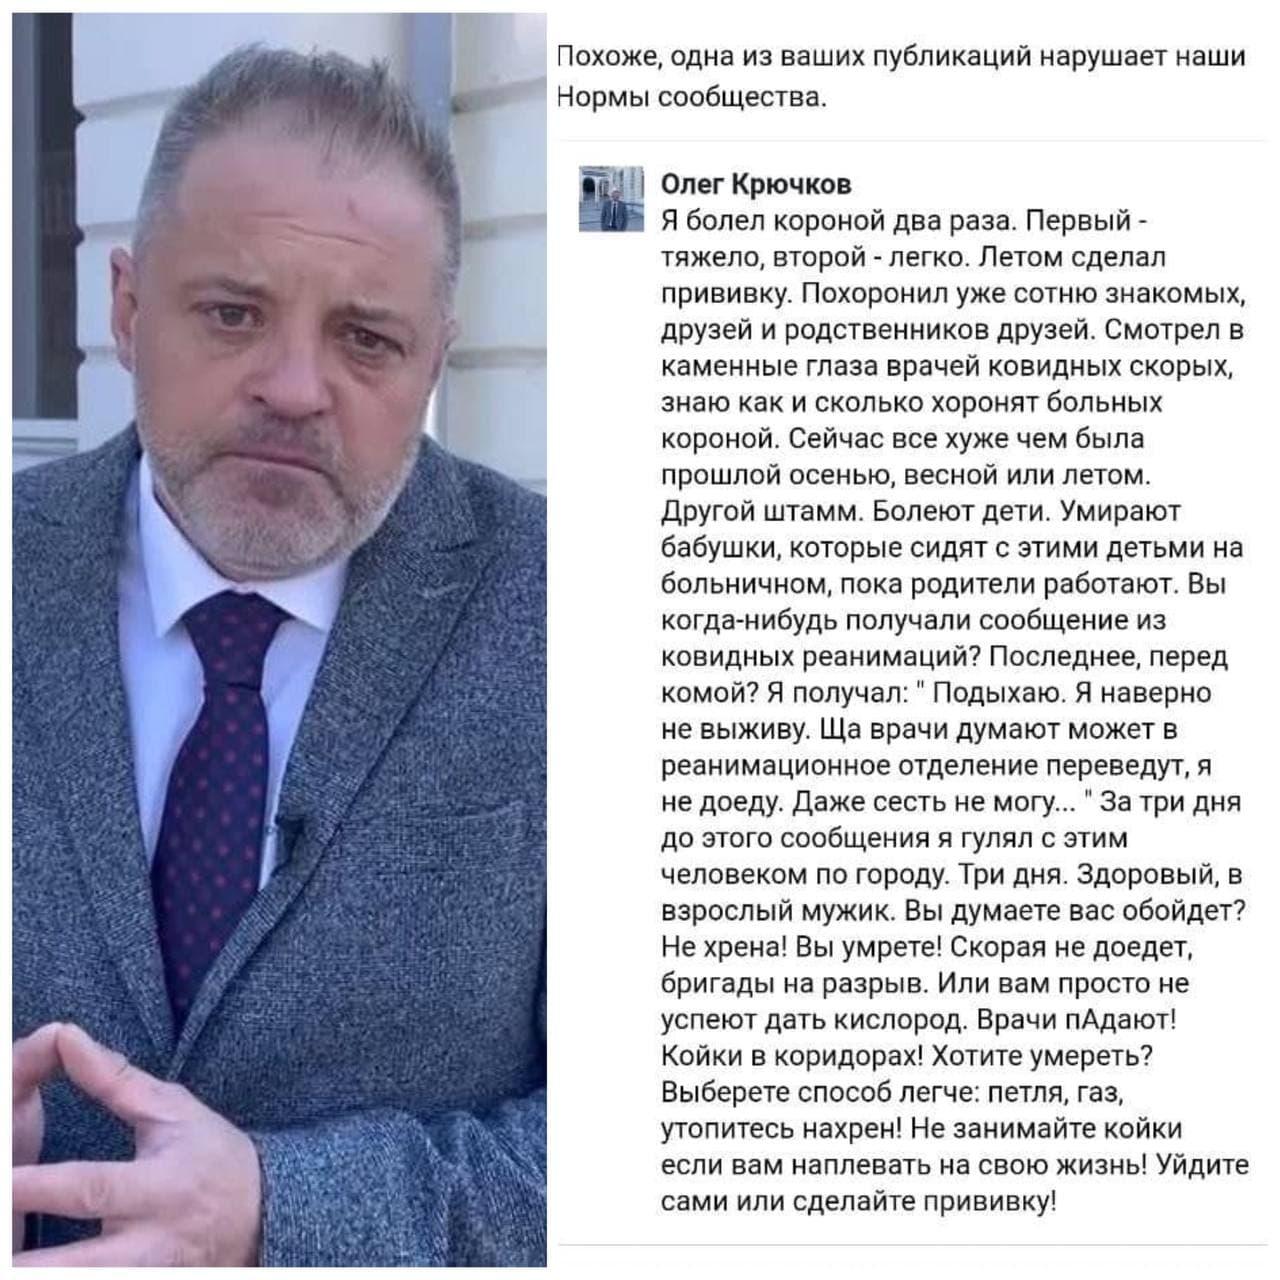 Советник губернатора Крыма призвал невакцинированных удавиться в петле и отравиться газом